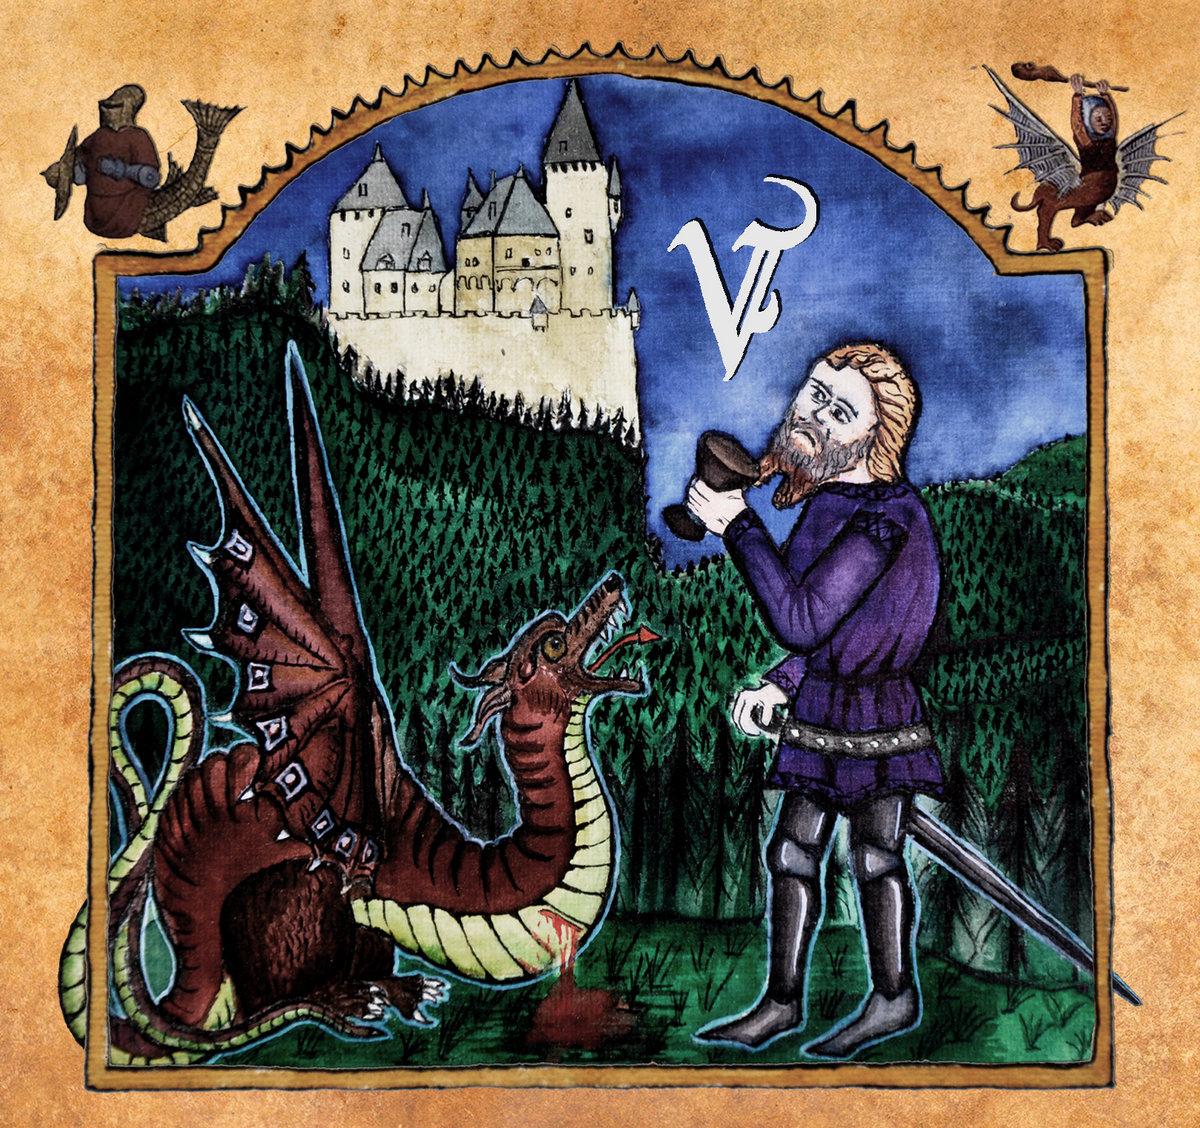 véhémence par le sang versé black metal médiéval le scribe du rock